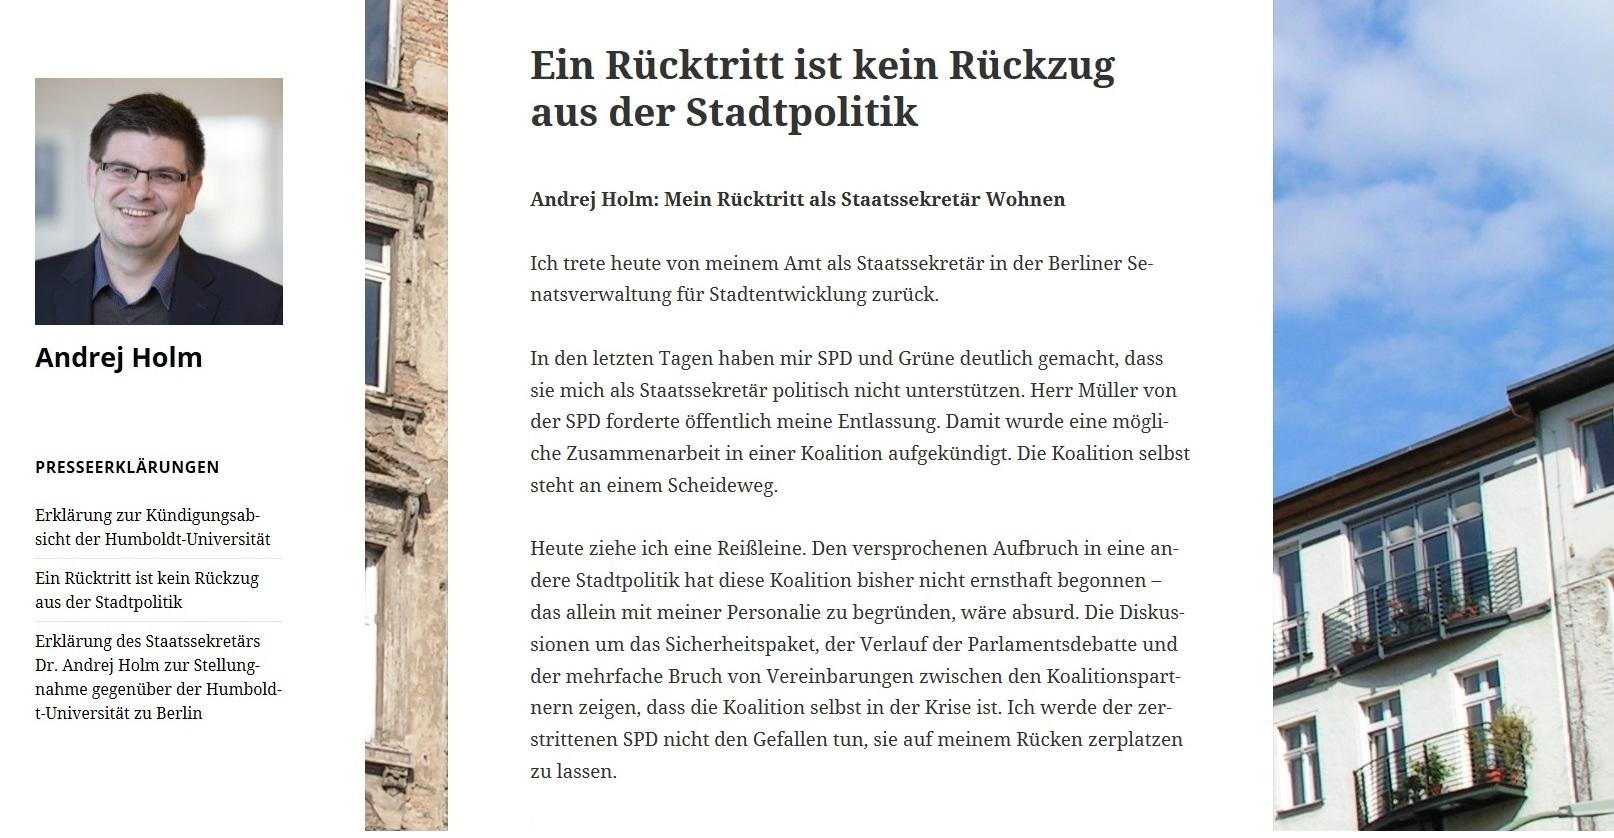 Kommentare Entlassungsskandal - Rot-Rot-Grün in Berlin: Staatssekretär Andrej Holm ergreift die Massen